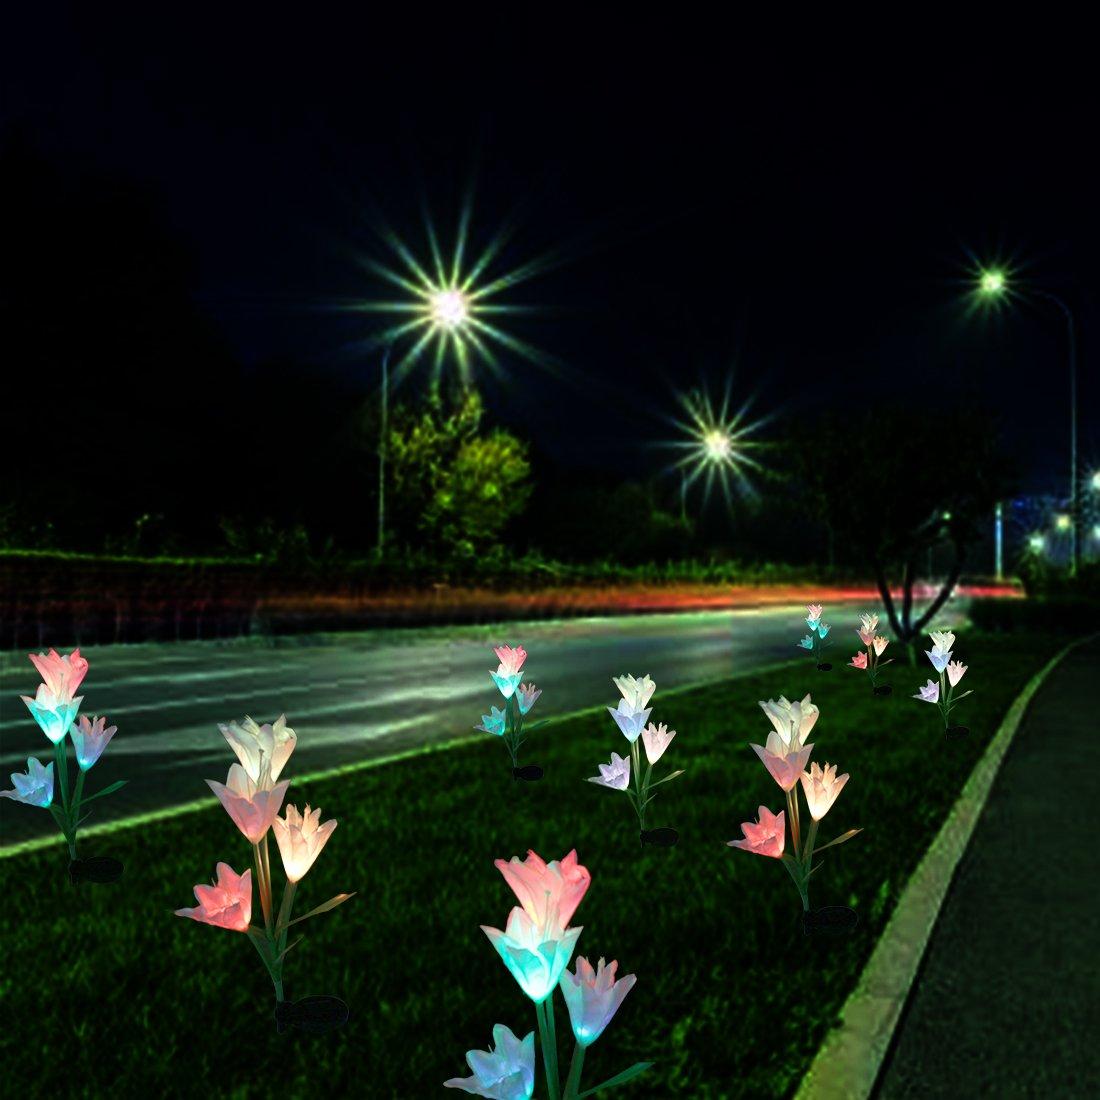 Tuipong - Juego Juego Juego de 2 luces solares de jardín con 8 ...